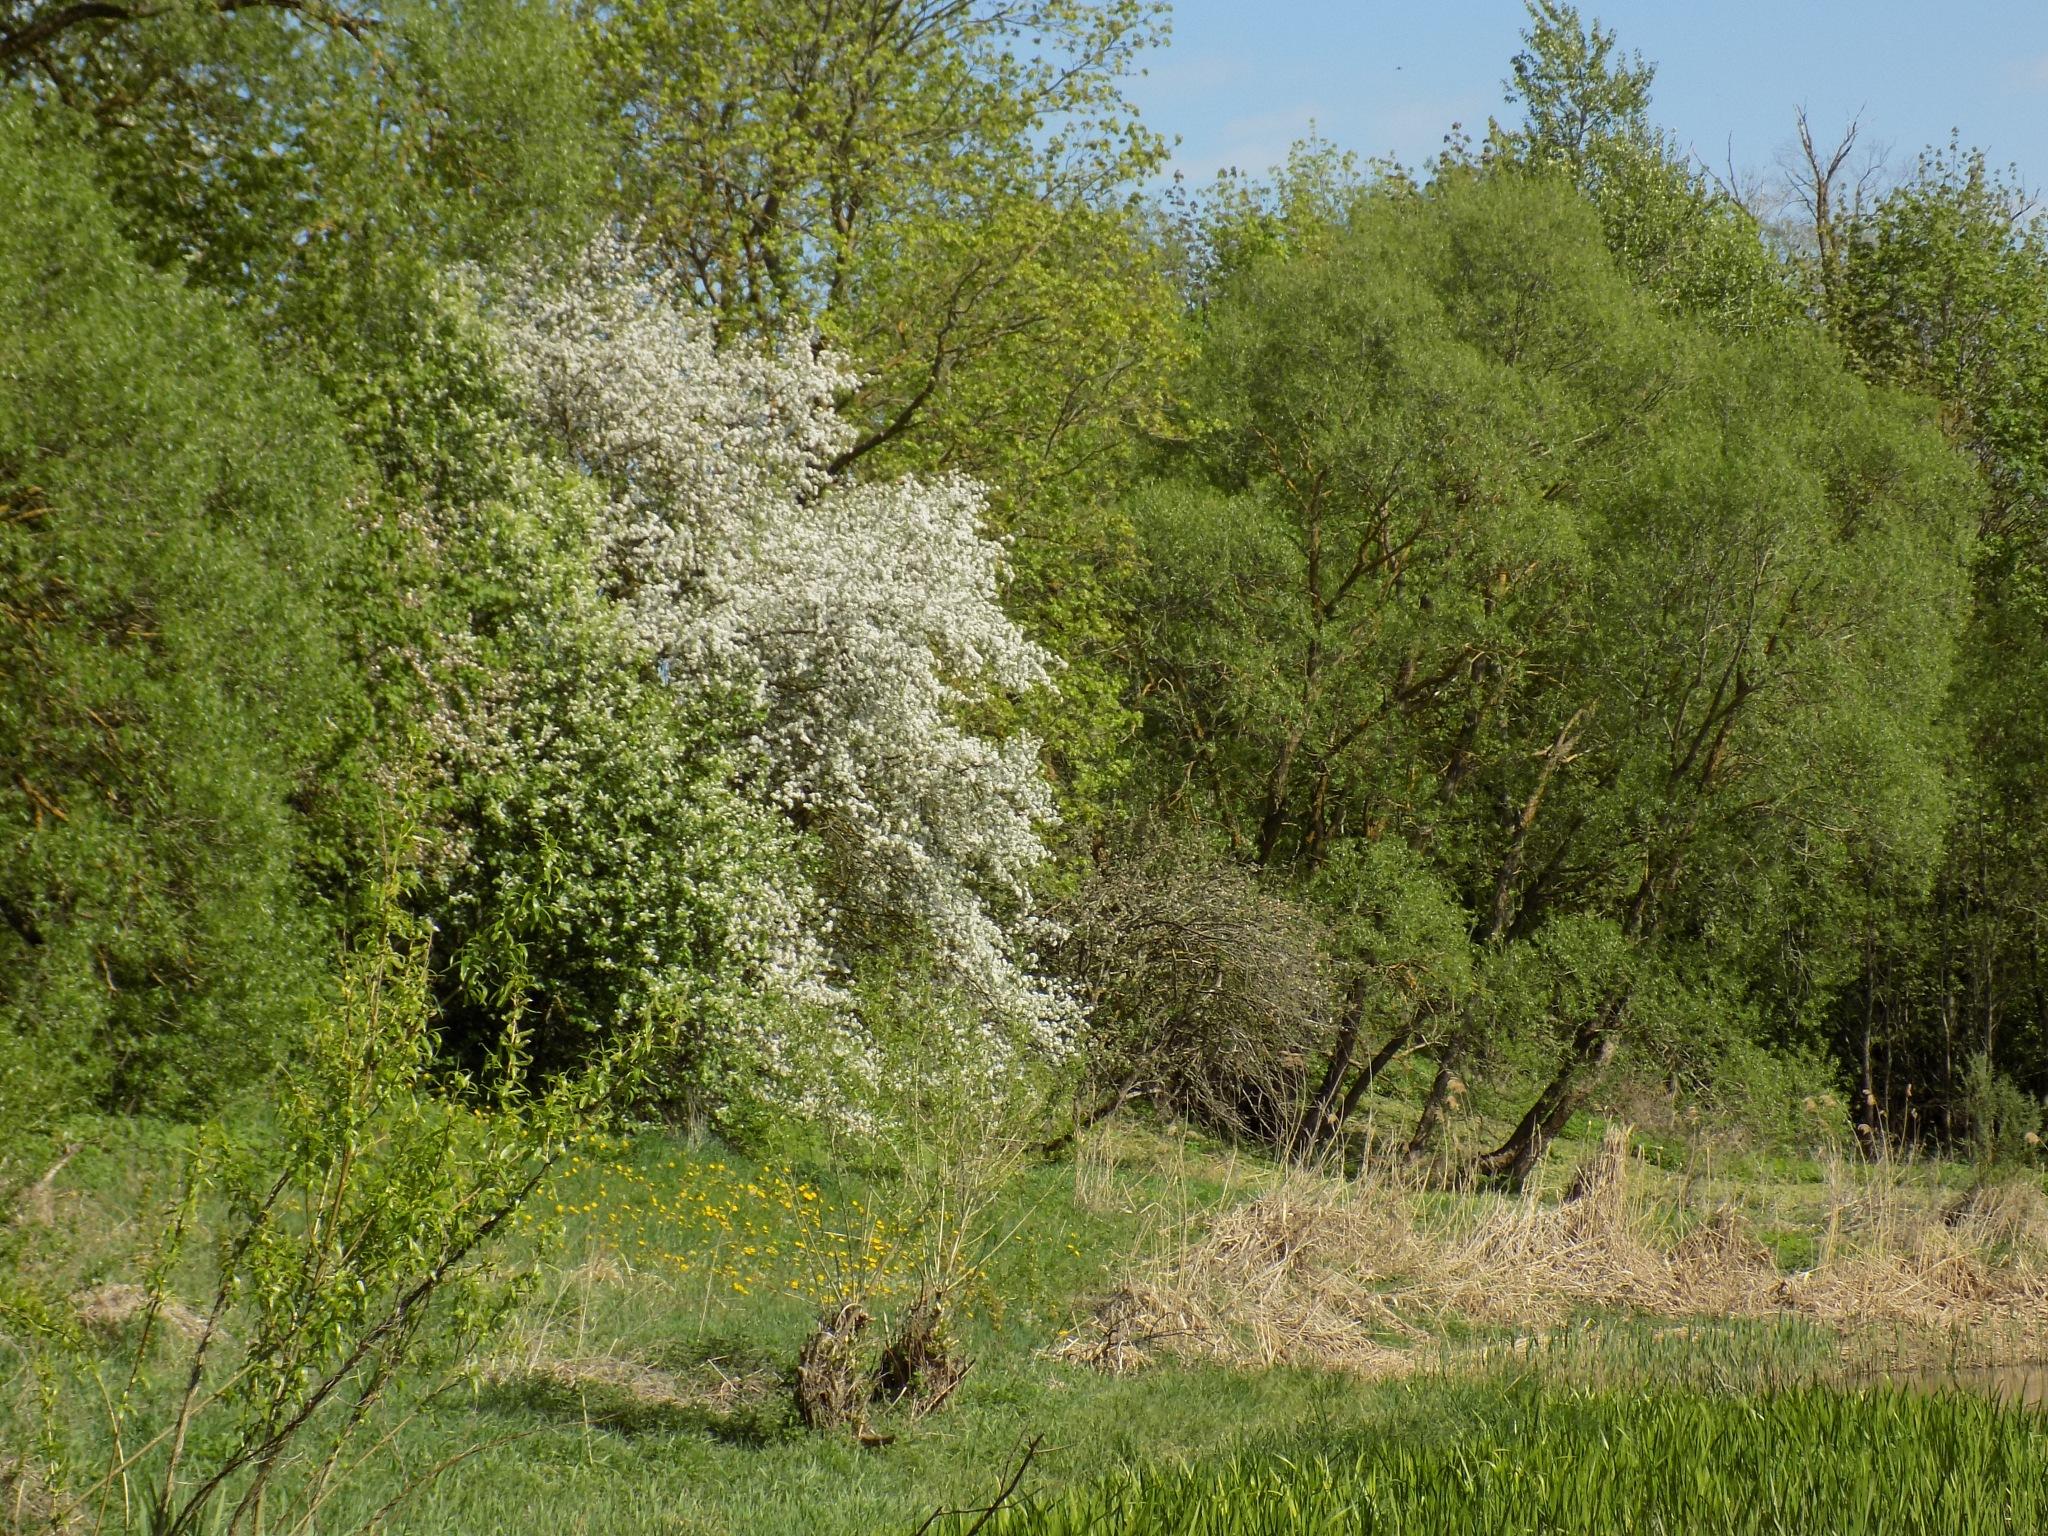 Nature in the spring by uzkuraitiene62